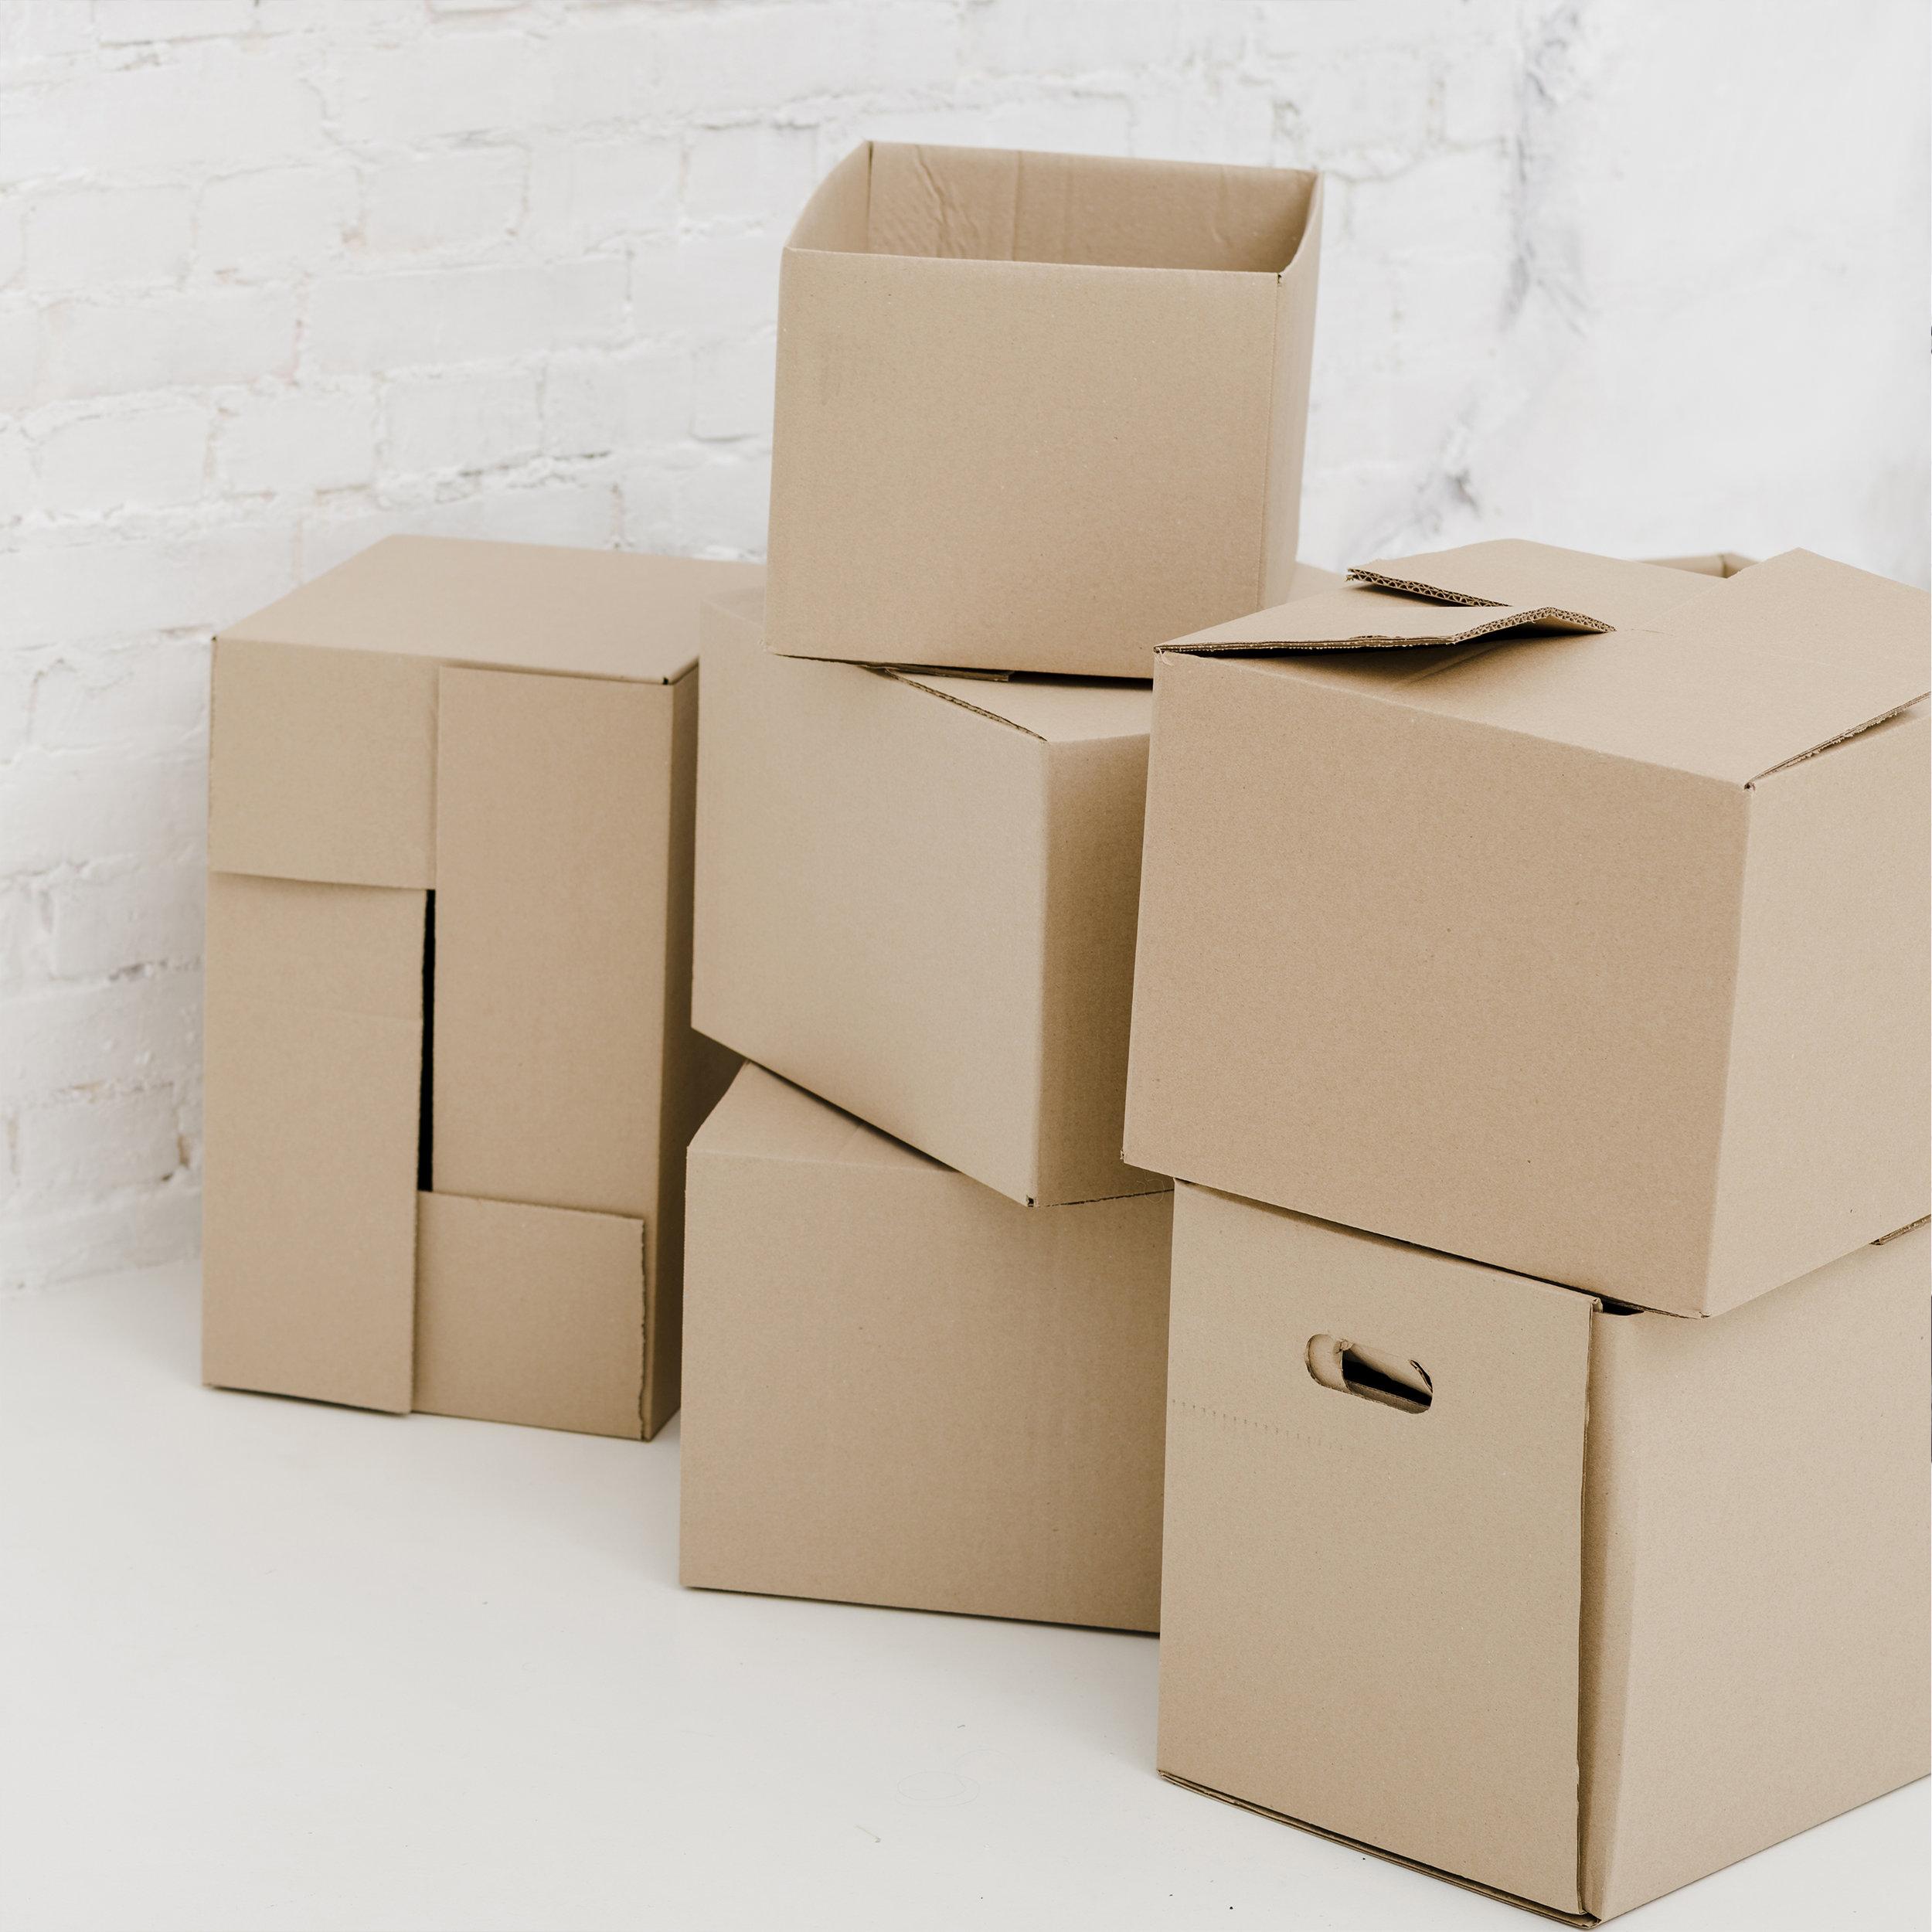 |muuttaminen - Olemme valmiita auttamaan sinua järjestämään kaiken huoneissa ja muissa tiloissa niin toimivaksi kokonaisuudeksi.